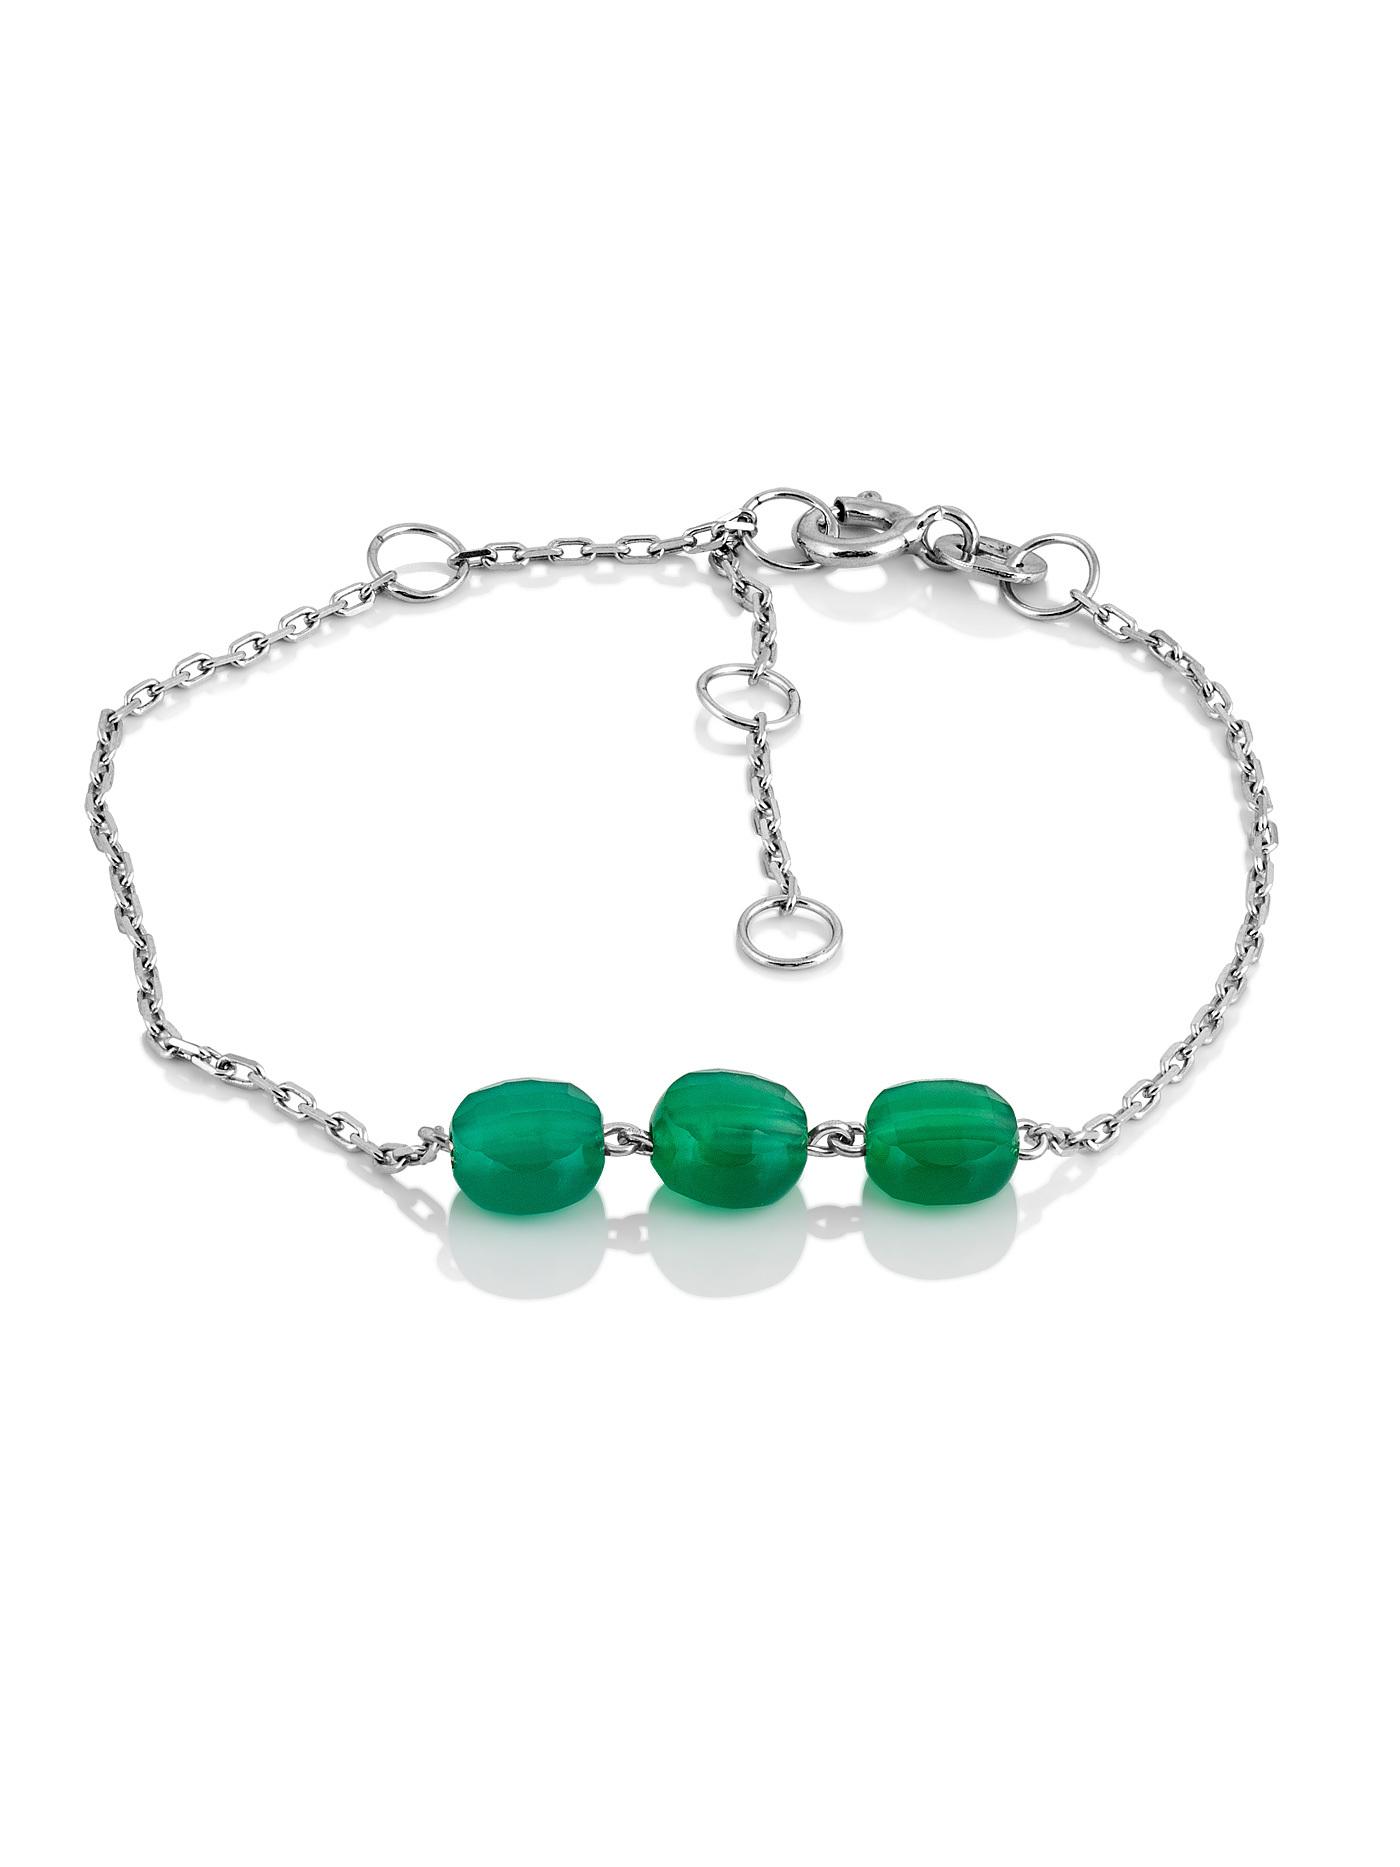 Серебряный браслет с зеленым агатом в подарочной коробке